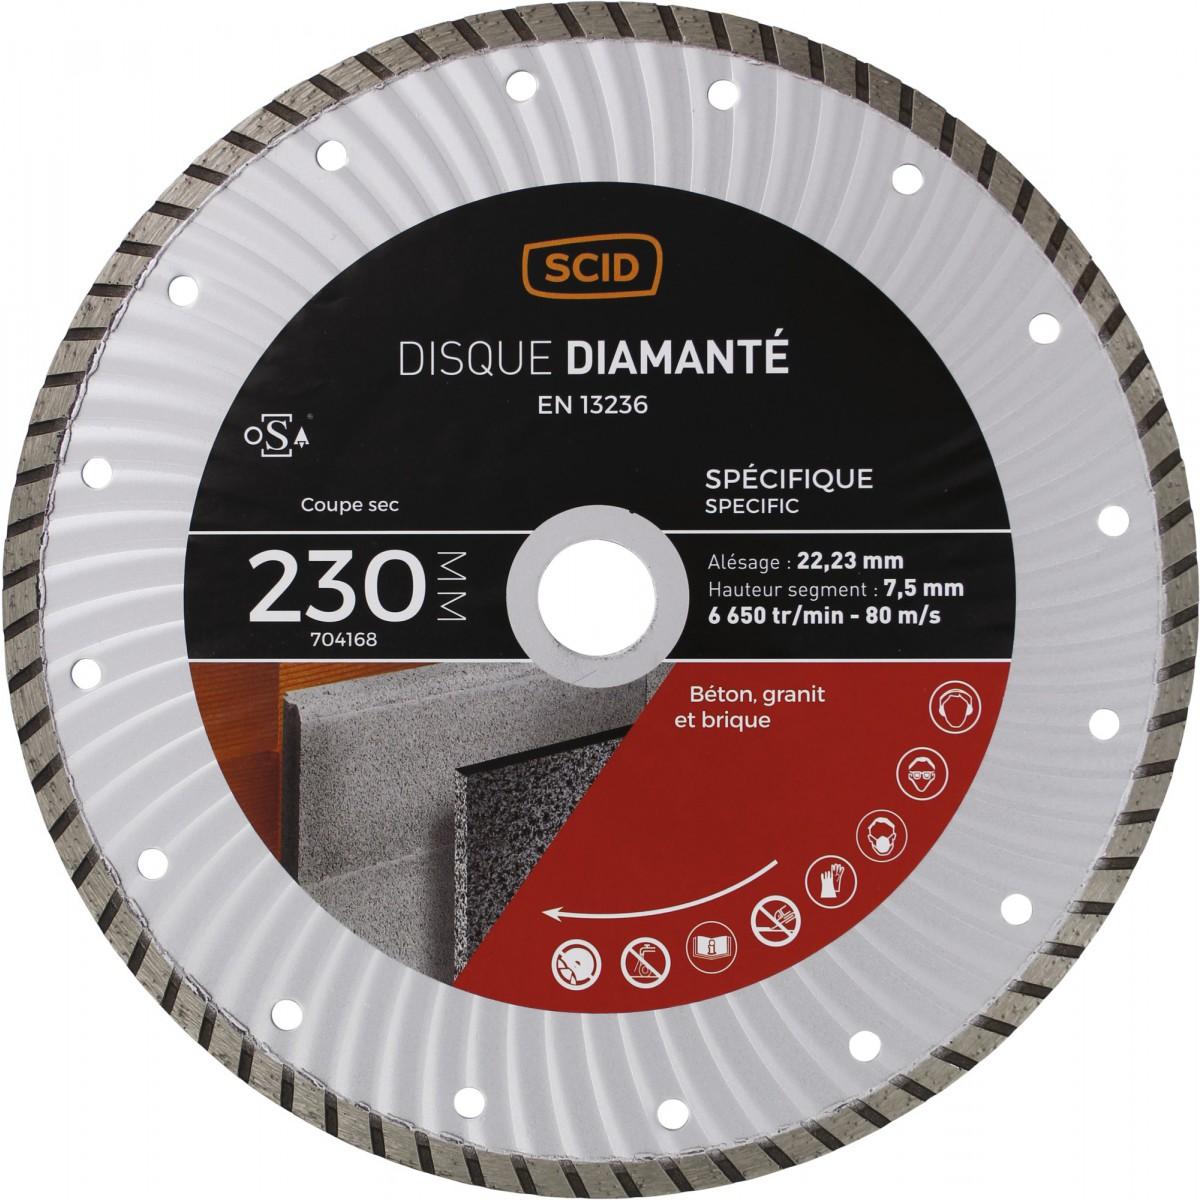 Disque diamanté spécifique crénelé SCID - 230 mm